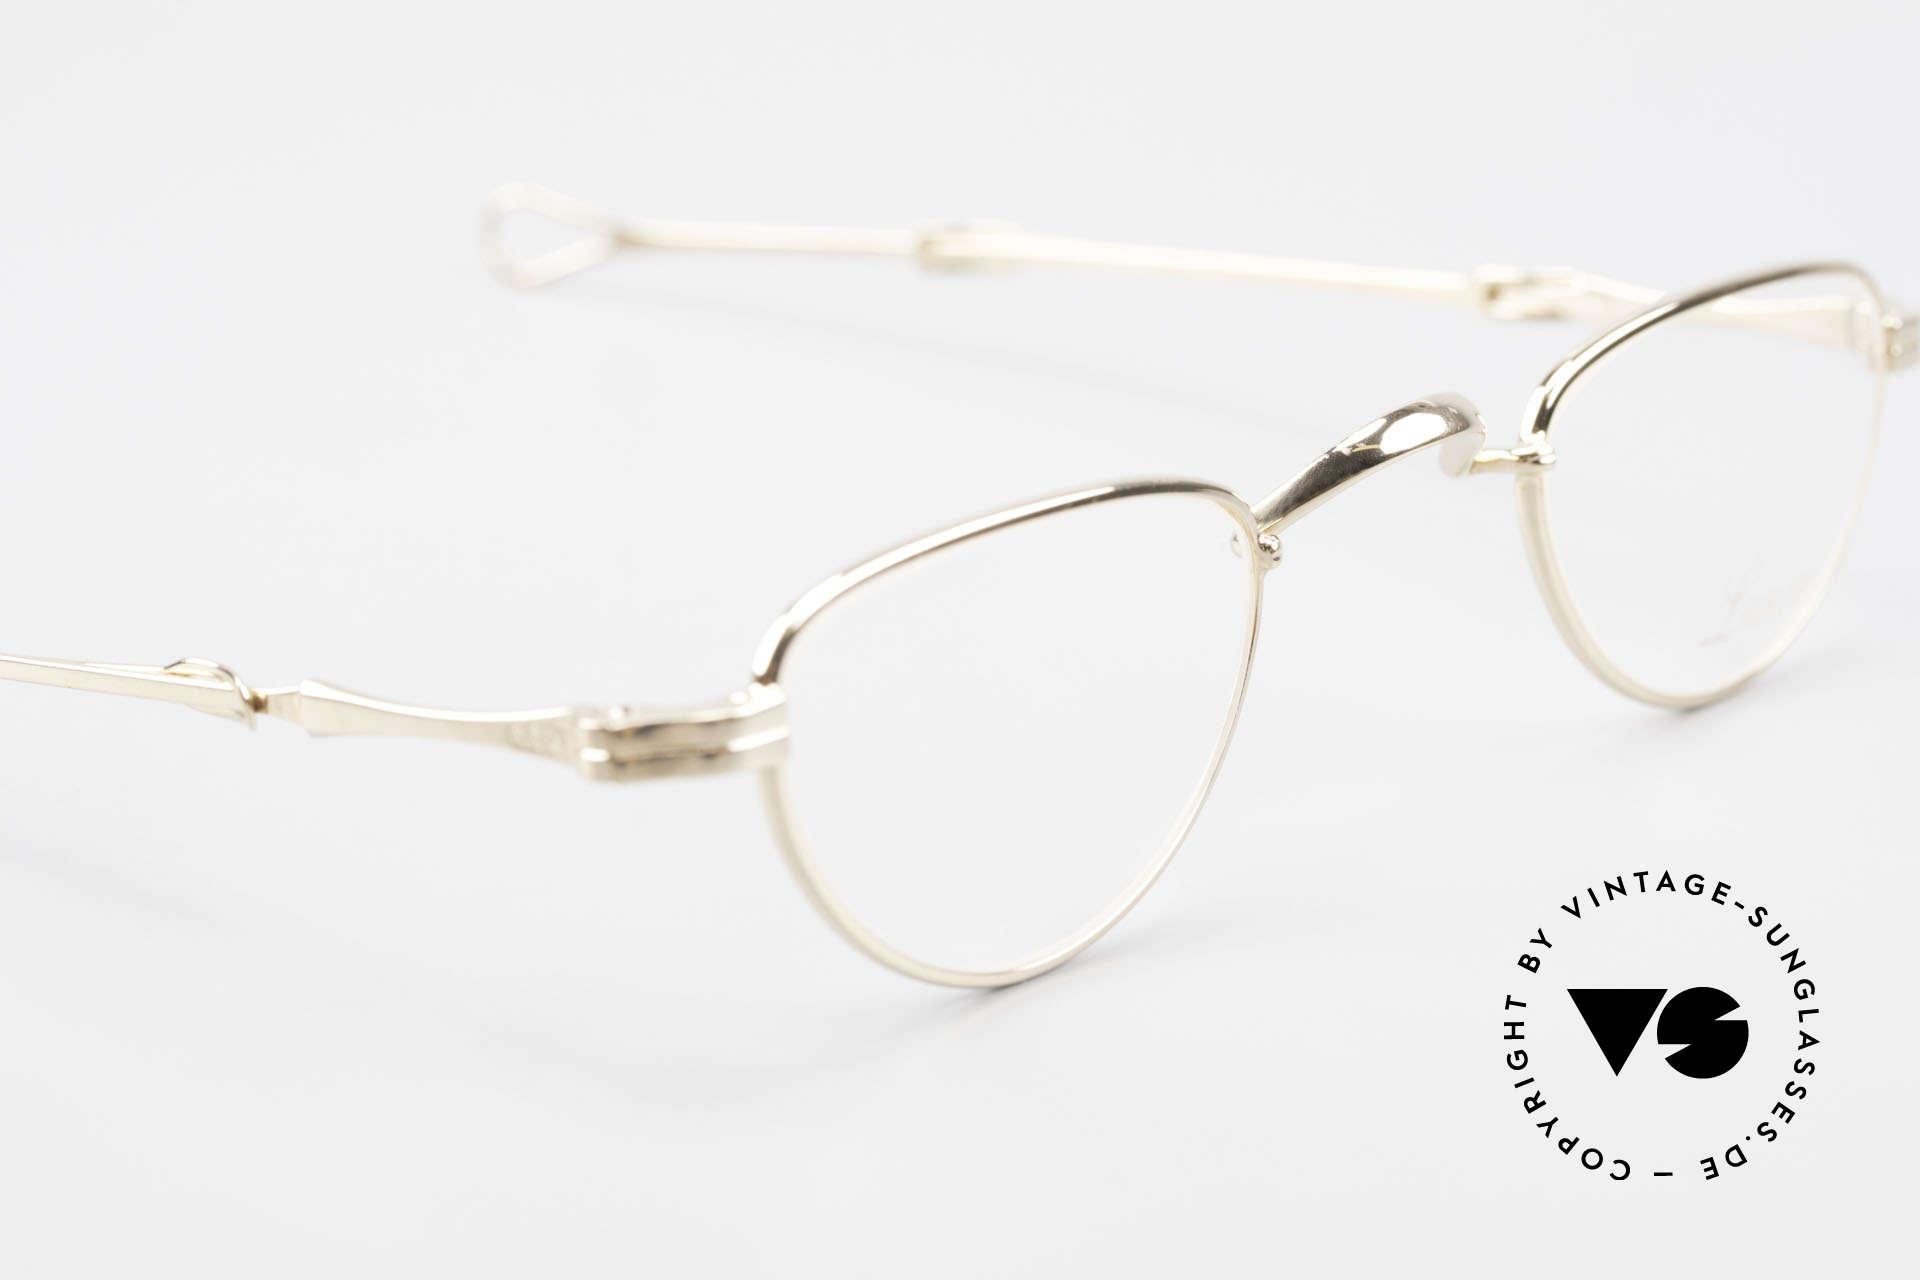 Lunor I 06 Telescopic Ausziehbare Brille Vergoldet, sowie für ausziehbare Brillenbügel (= teleskopartig), Passend für Herren und Damen